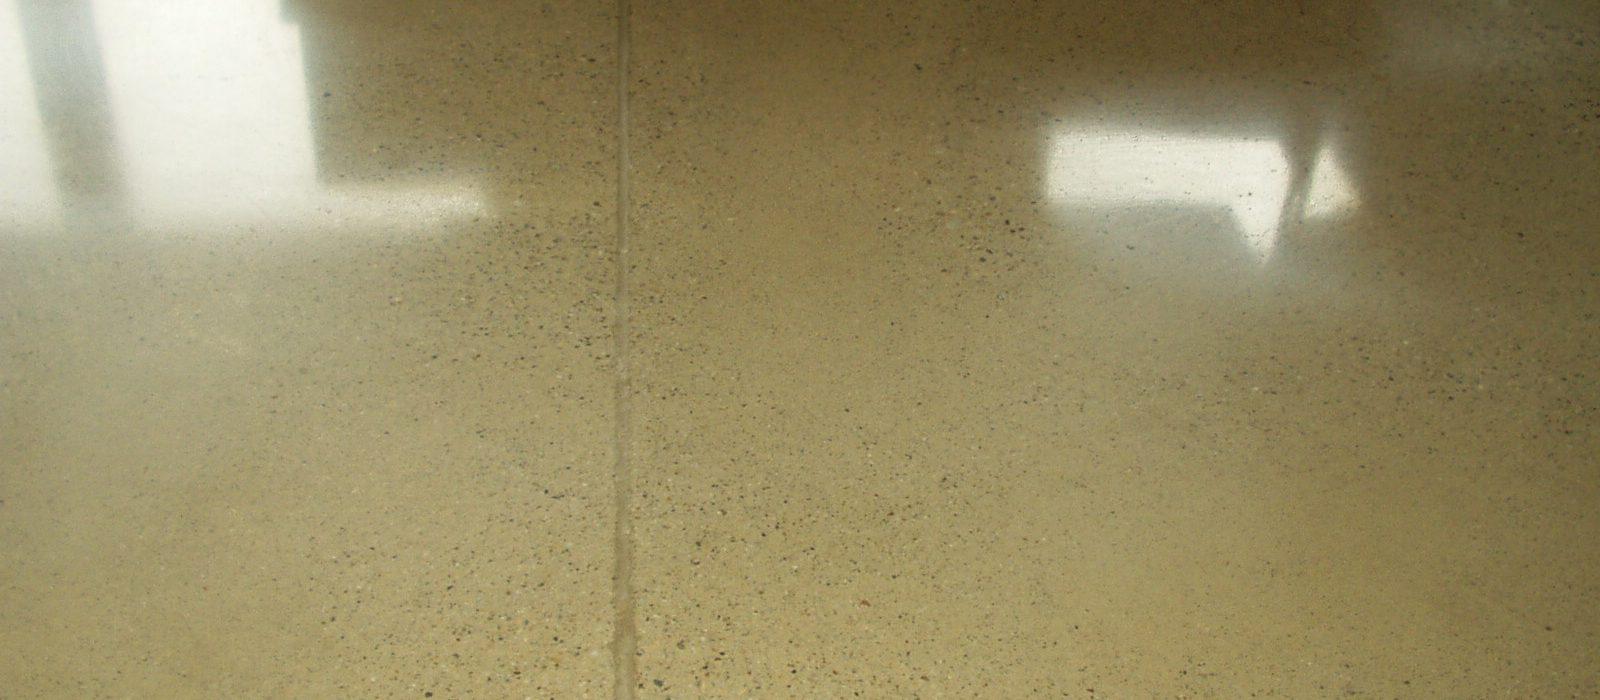 Waxed Concrete Floor: Do It Yourself or Call an Artisan?